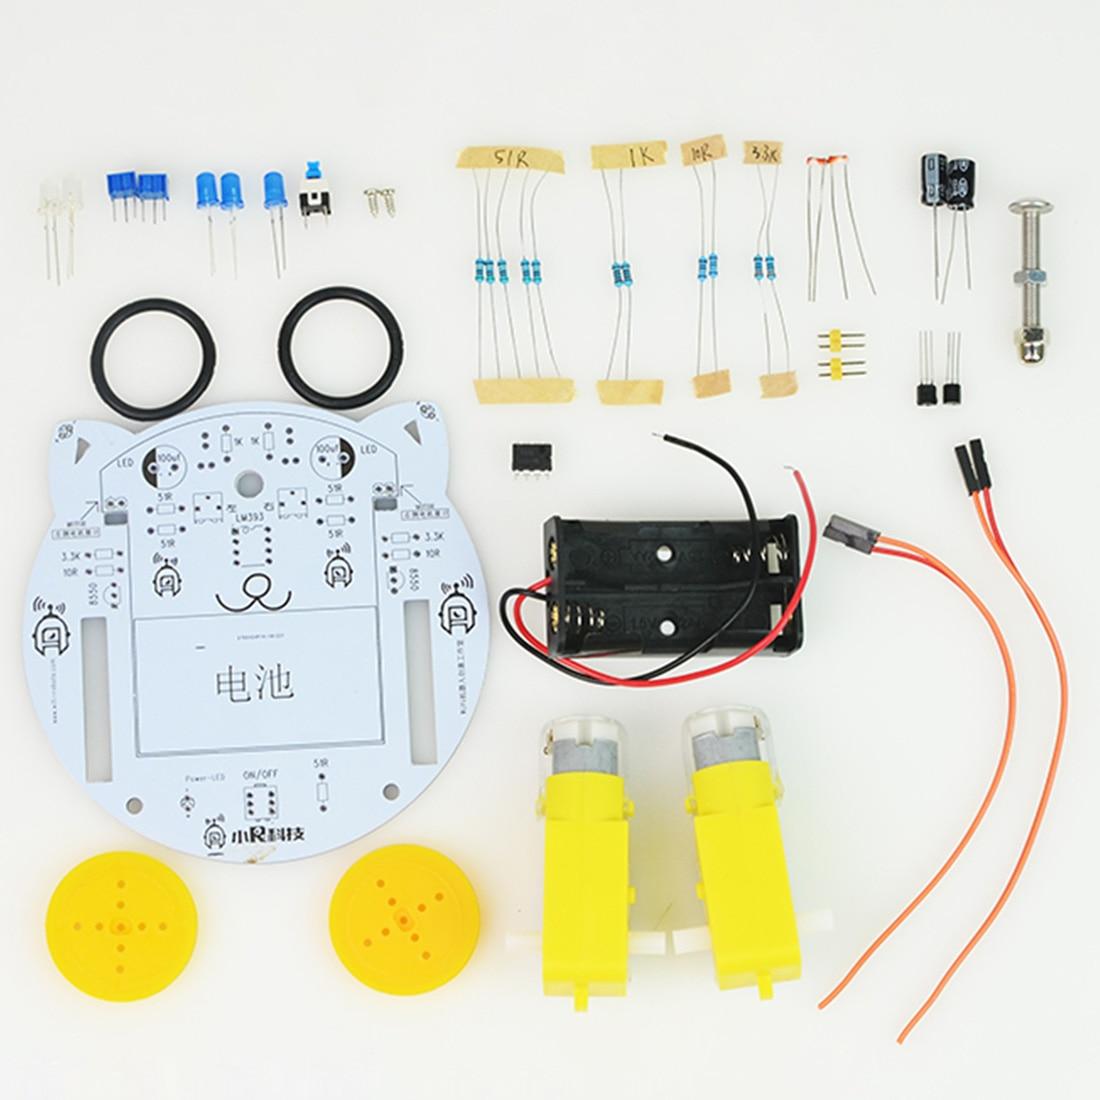 NFSTRIKE мини-Кот DIY умный радиоуправляемый робот-автомобиль отслеживающий паровой обучающий комплект программируемые игрушки для детей мальчиков-без батареи